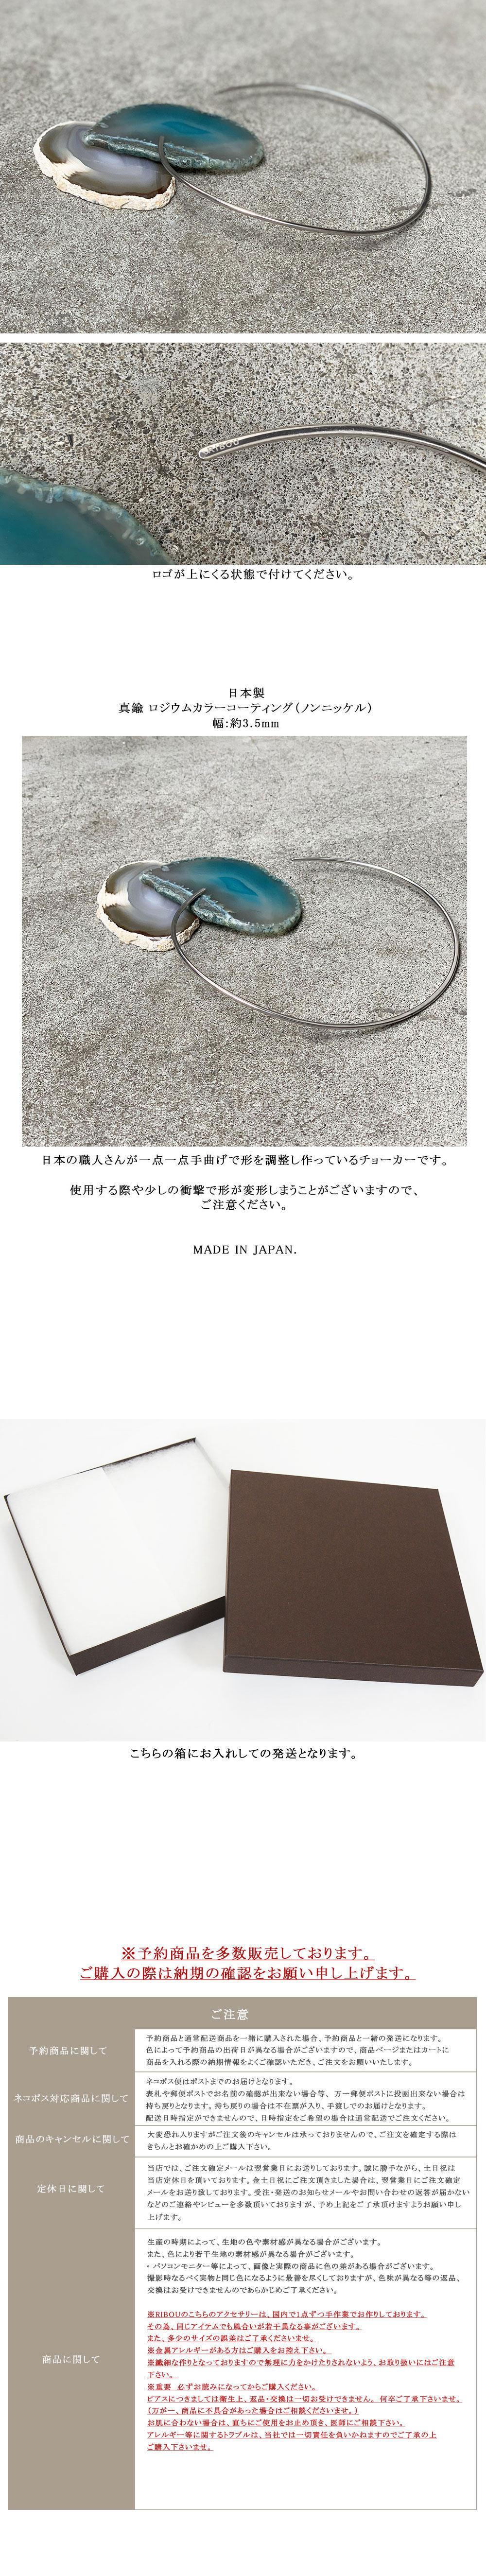 【10/20 NEW】型押しミニバッグ